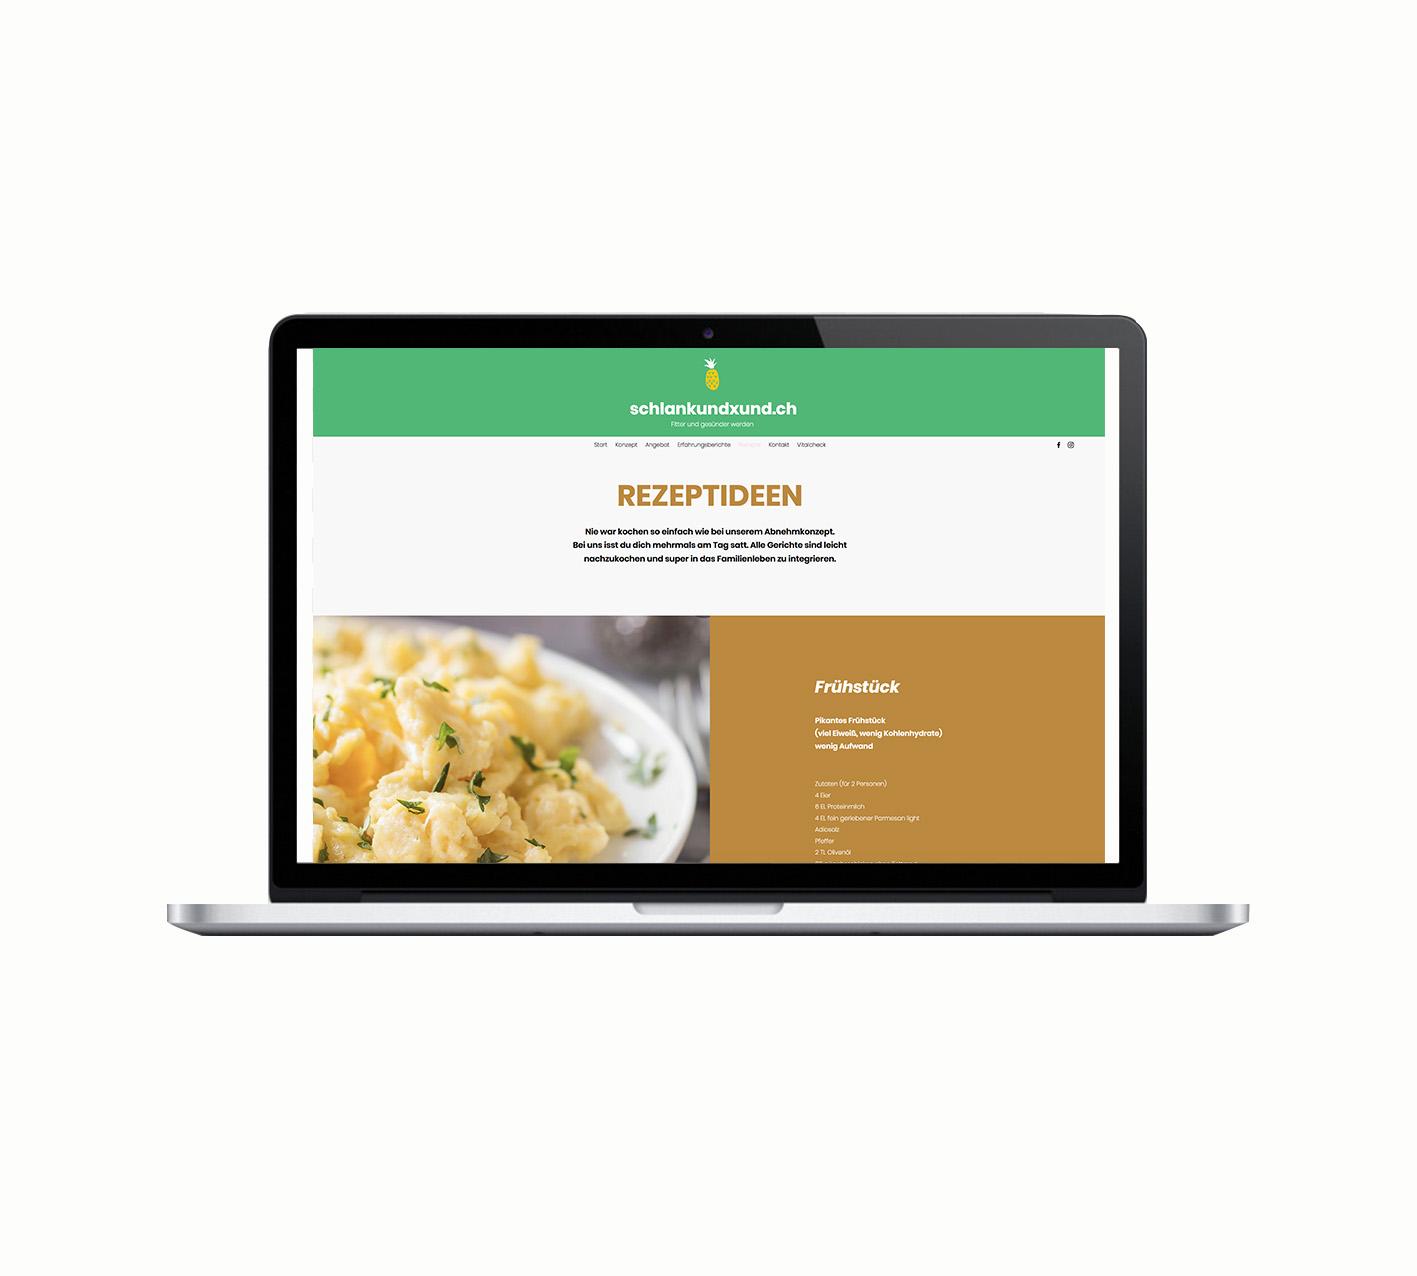 Webseitengestaltung/Aufbau für Schlank und Xund, Tina Geuss Dittingen